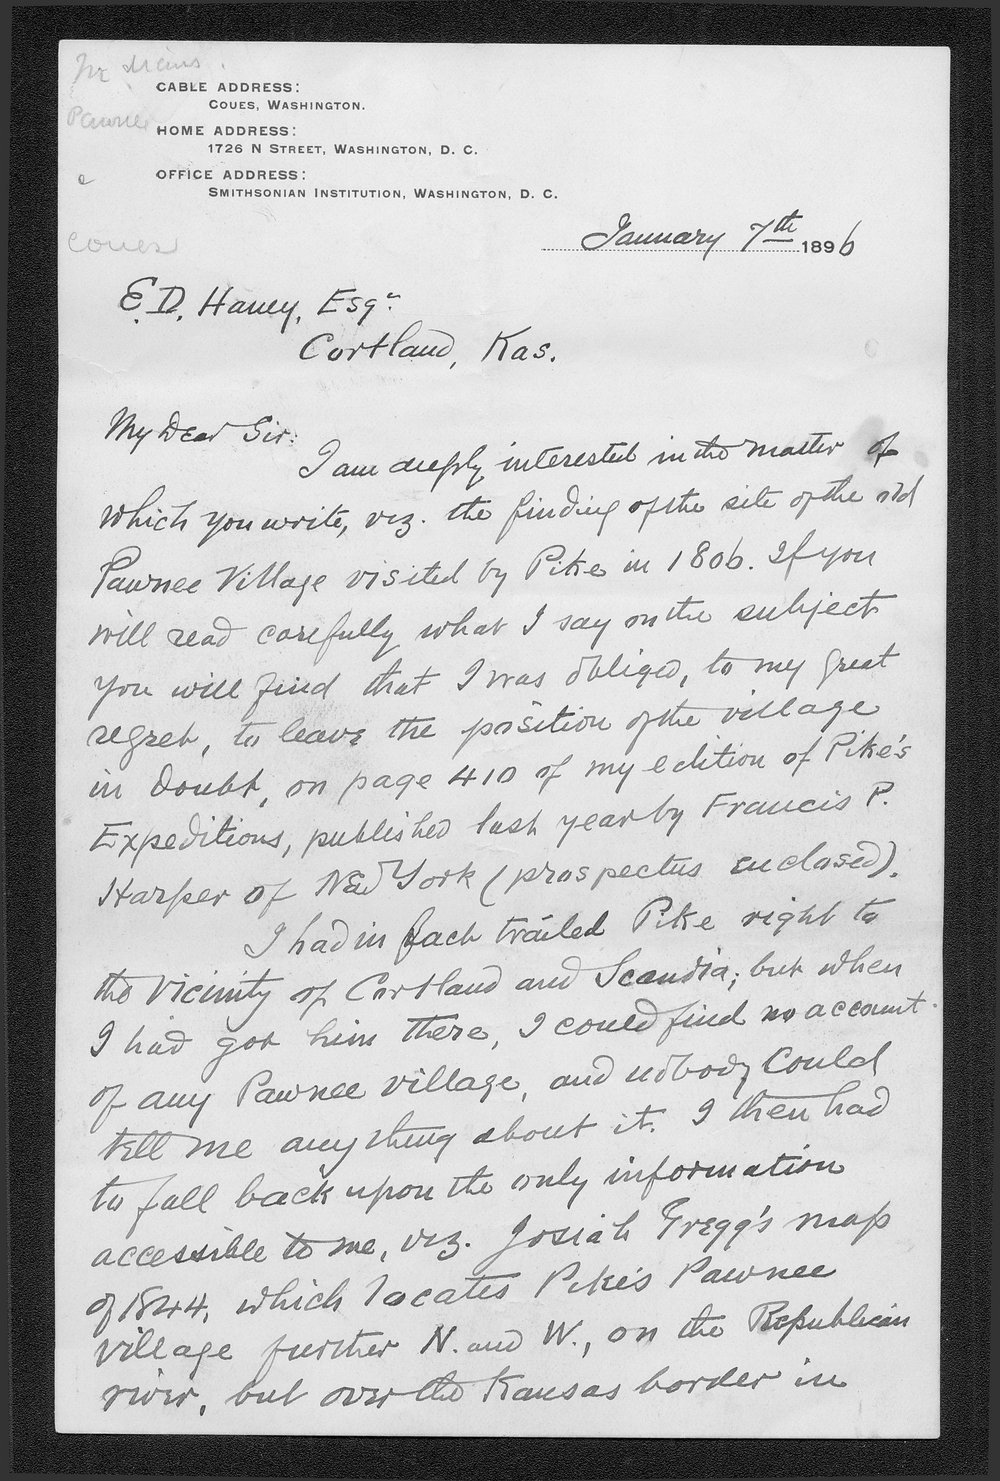 Zebulon Pike trip and Pawnee Indian Village correspondence - 1